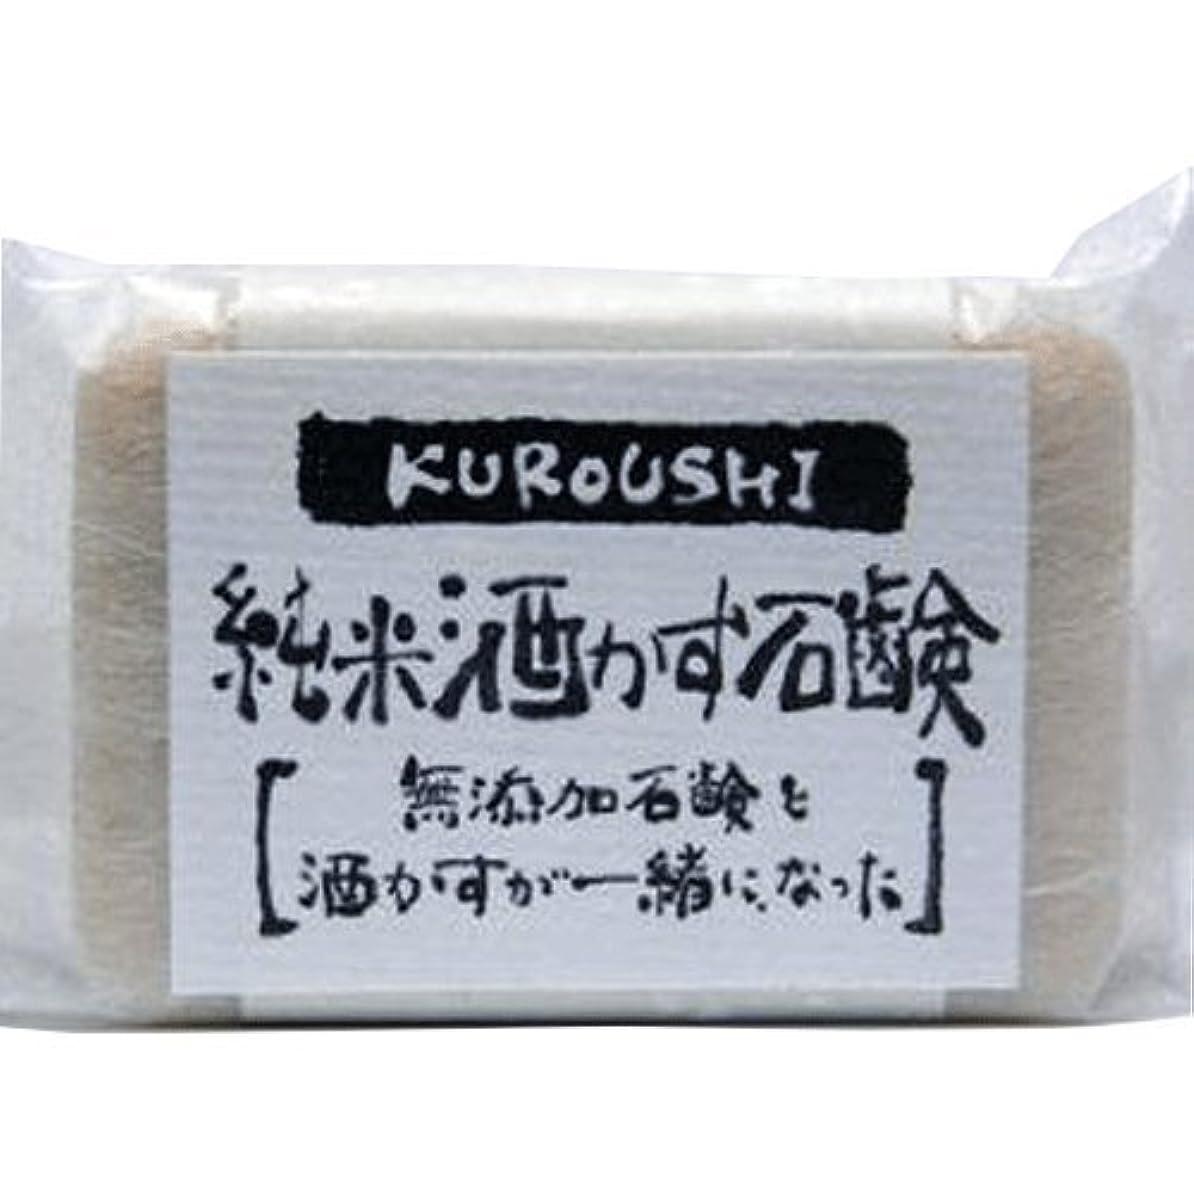 ロッカー重さセッティングKUROUSHI 純米酒かす 無添加石鹸(せっけん) 120g 6個セット